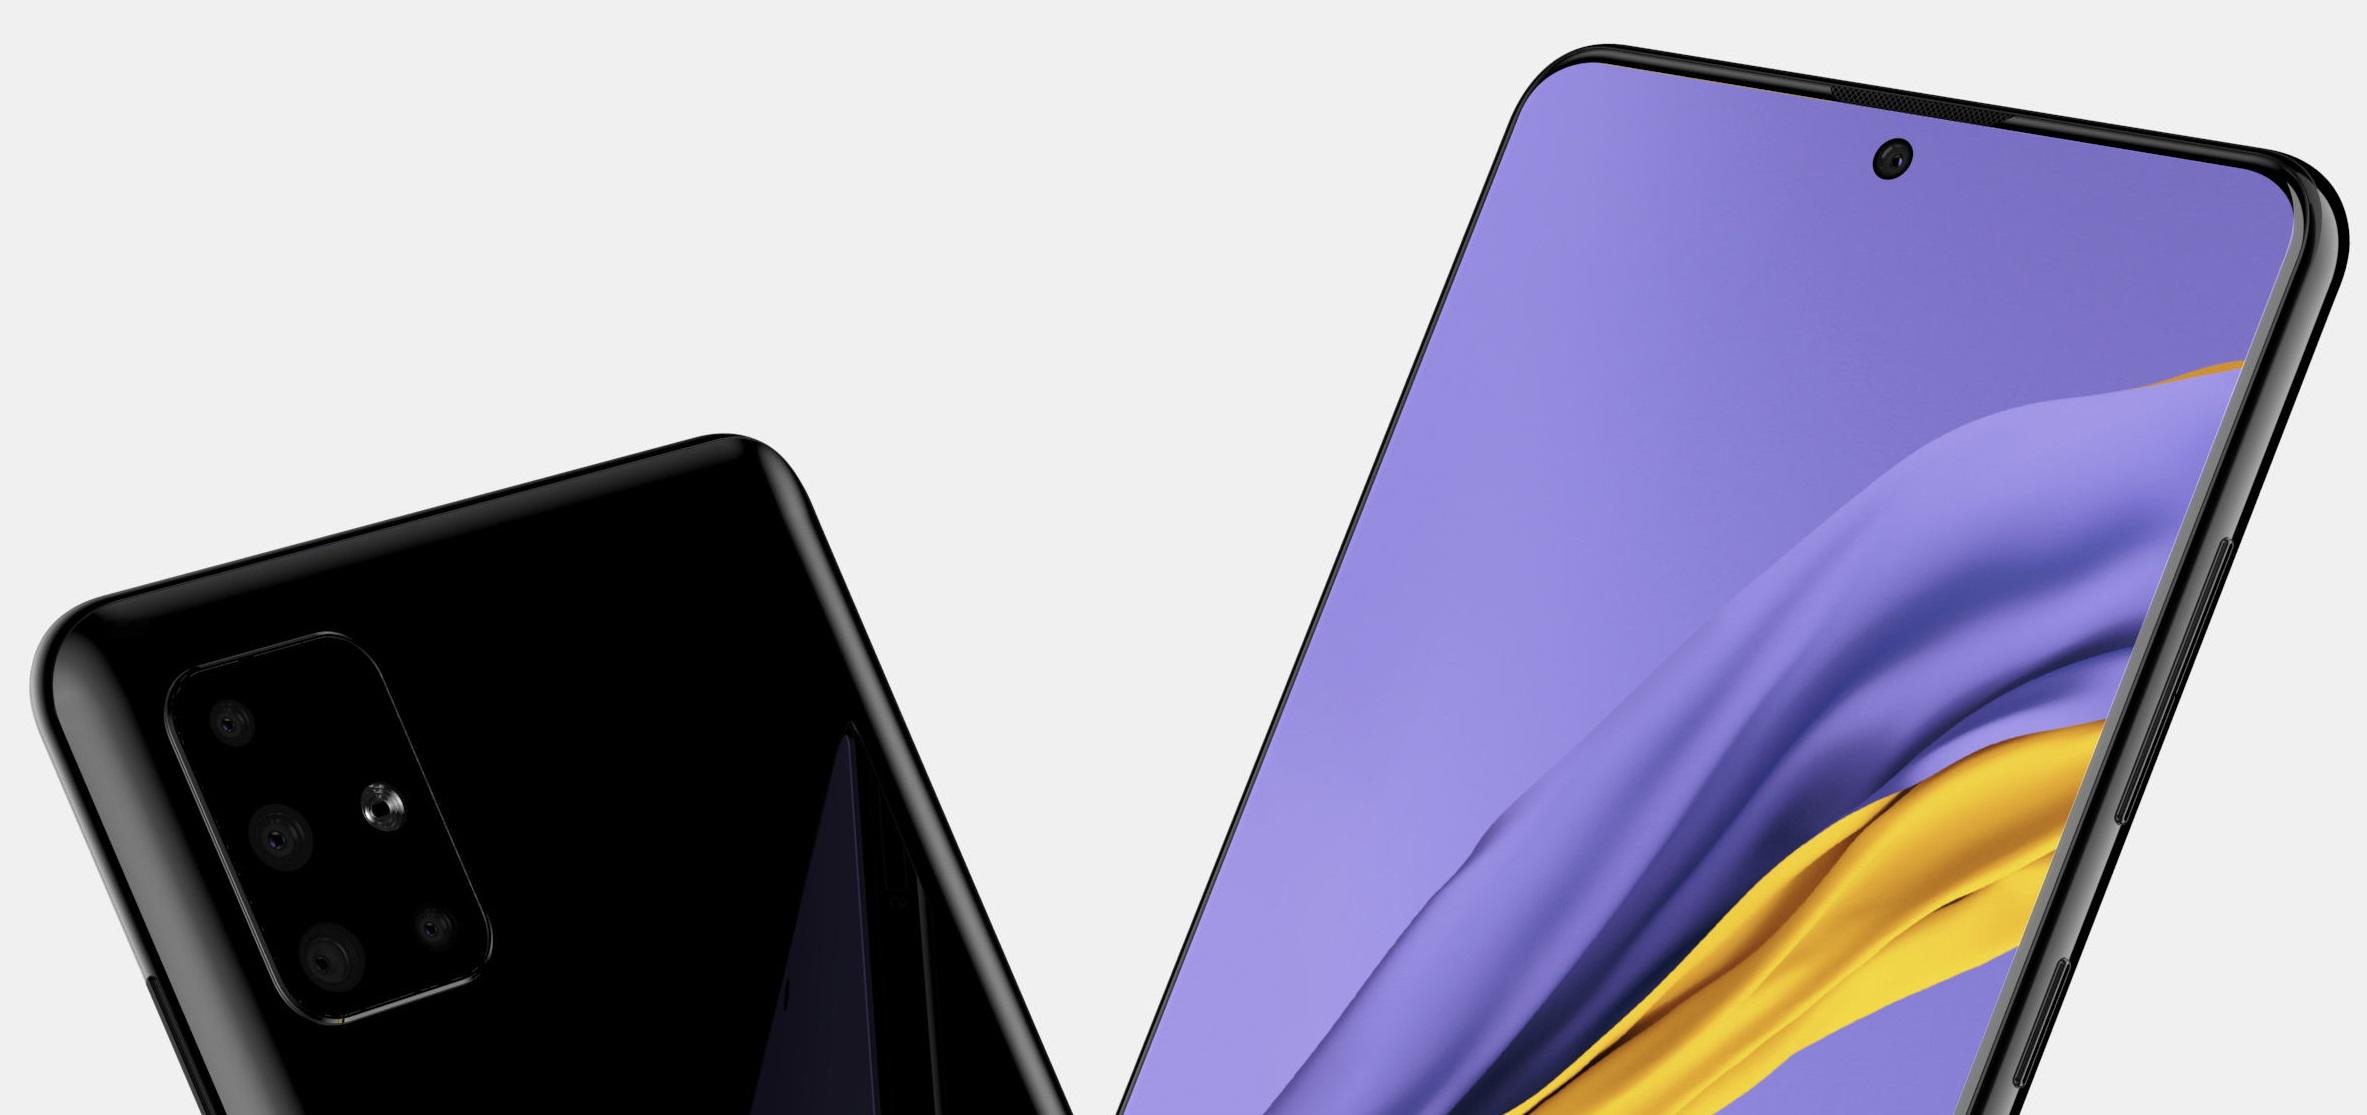 Samsung Galaxy A51 będzie miał otwór w ekranie jak Galaxy Note 10 20